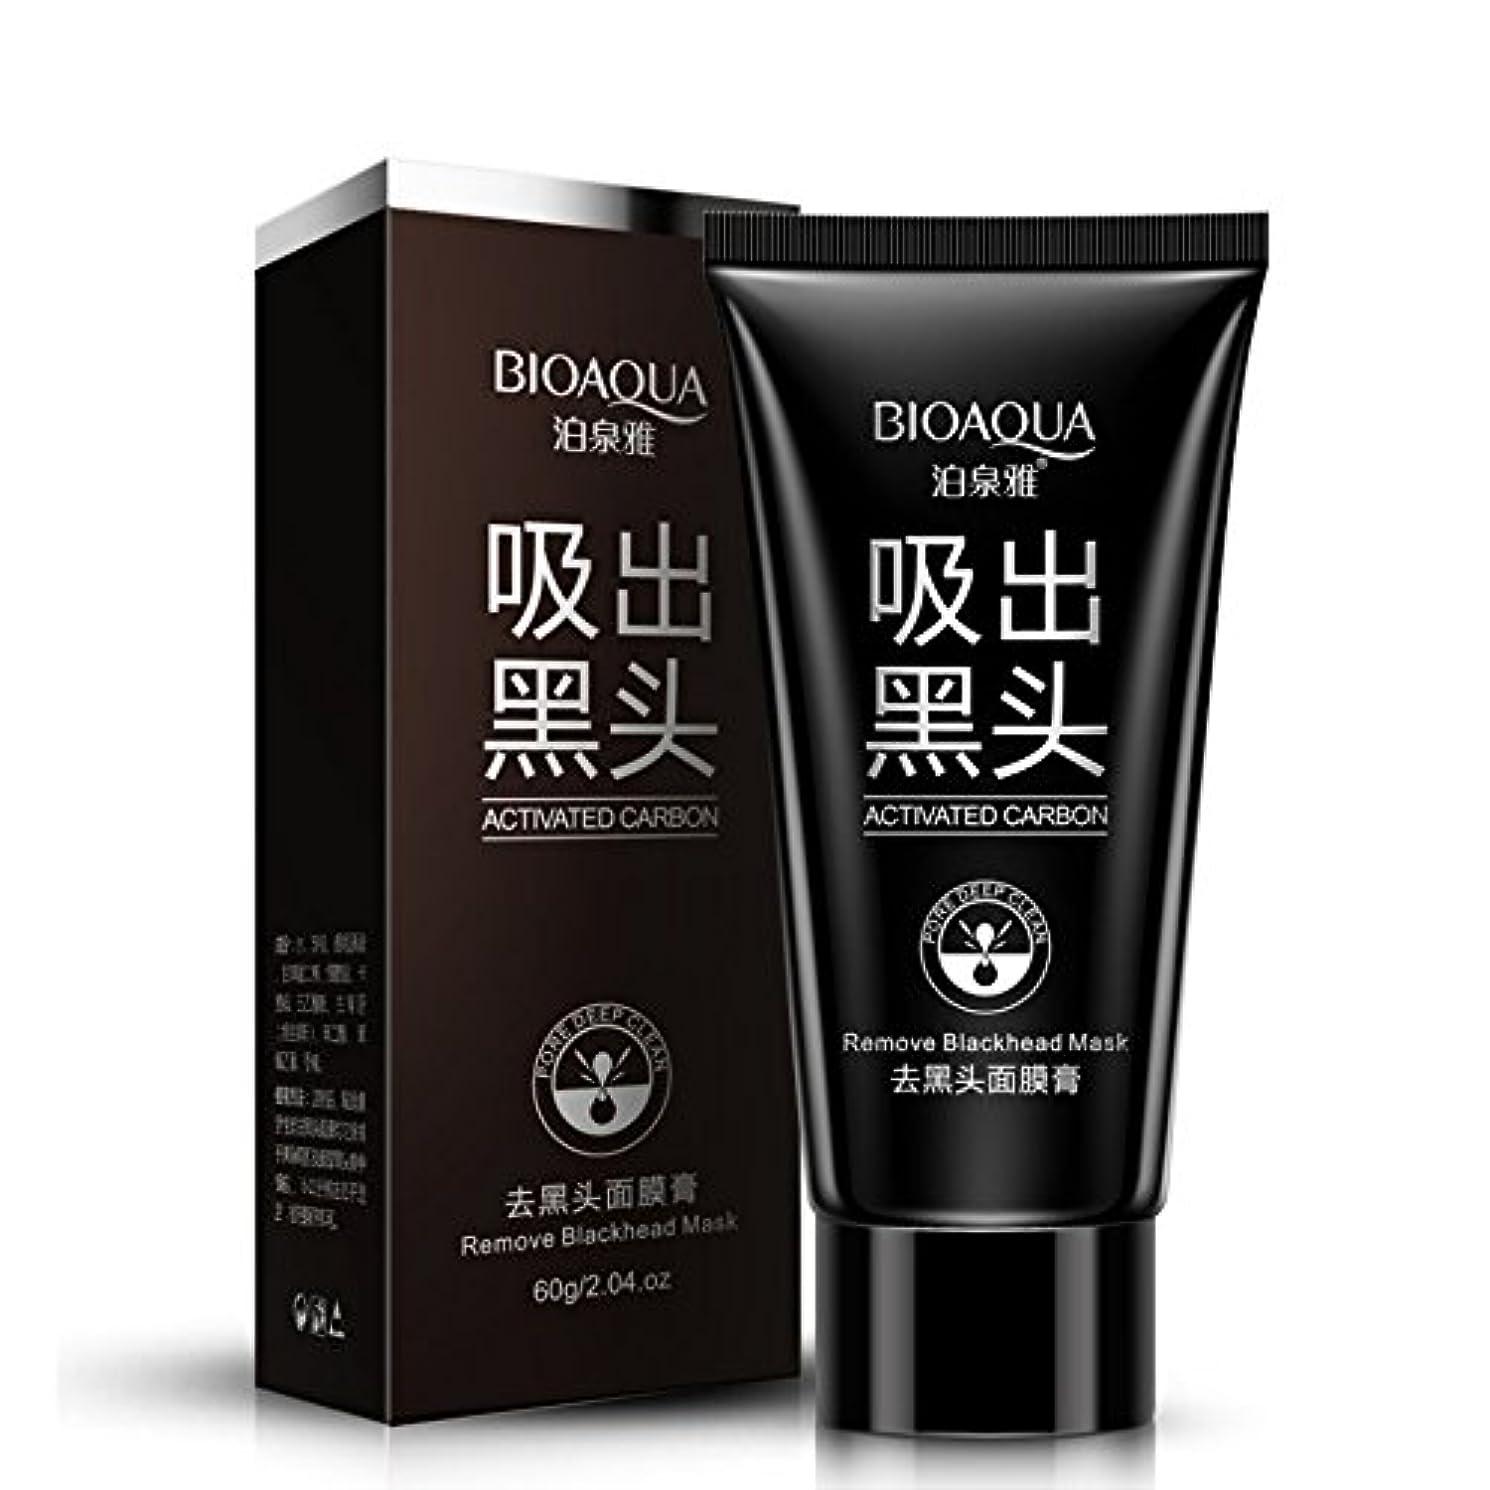 悪意噴火逸話Suction Black Mask Shrink Black Head Spots Pores,Face Mask Blackhead Removal Blackheads Cosmetics Facials Moisturizing...